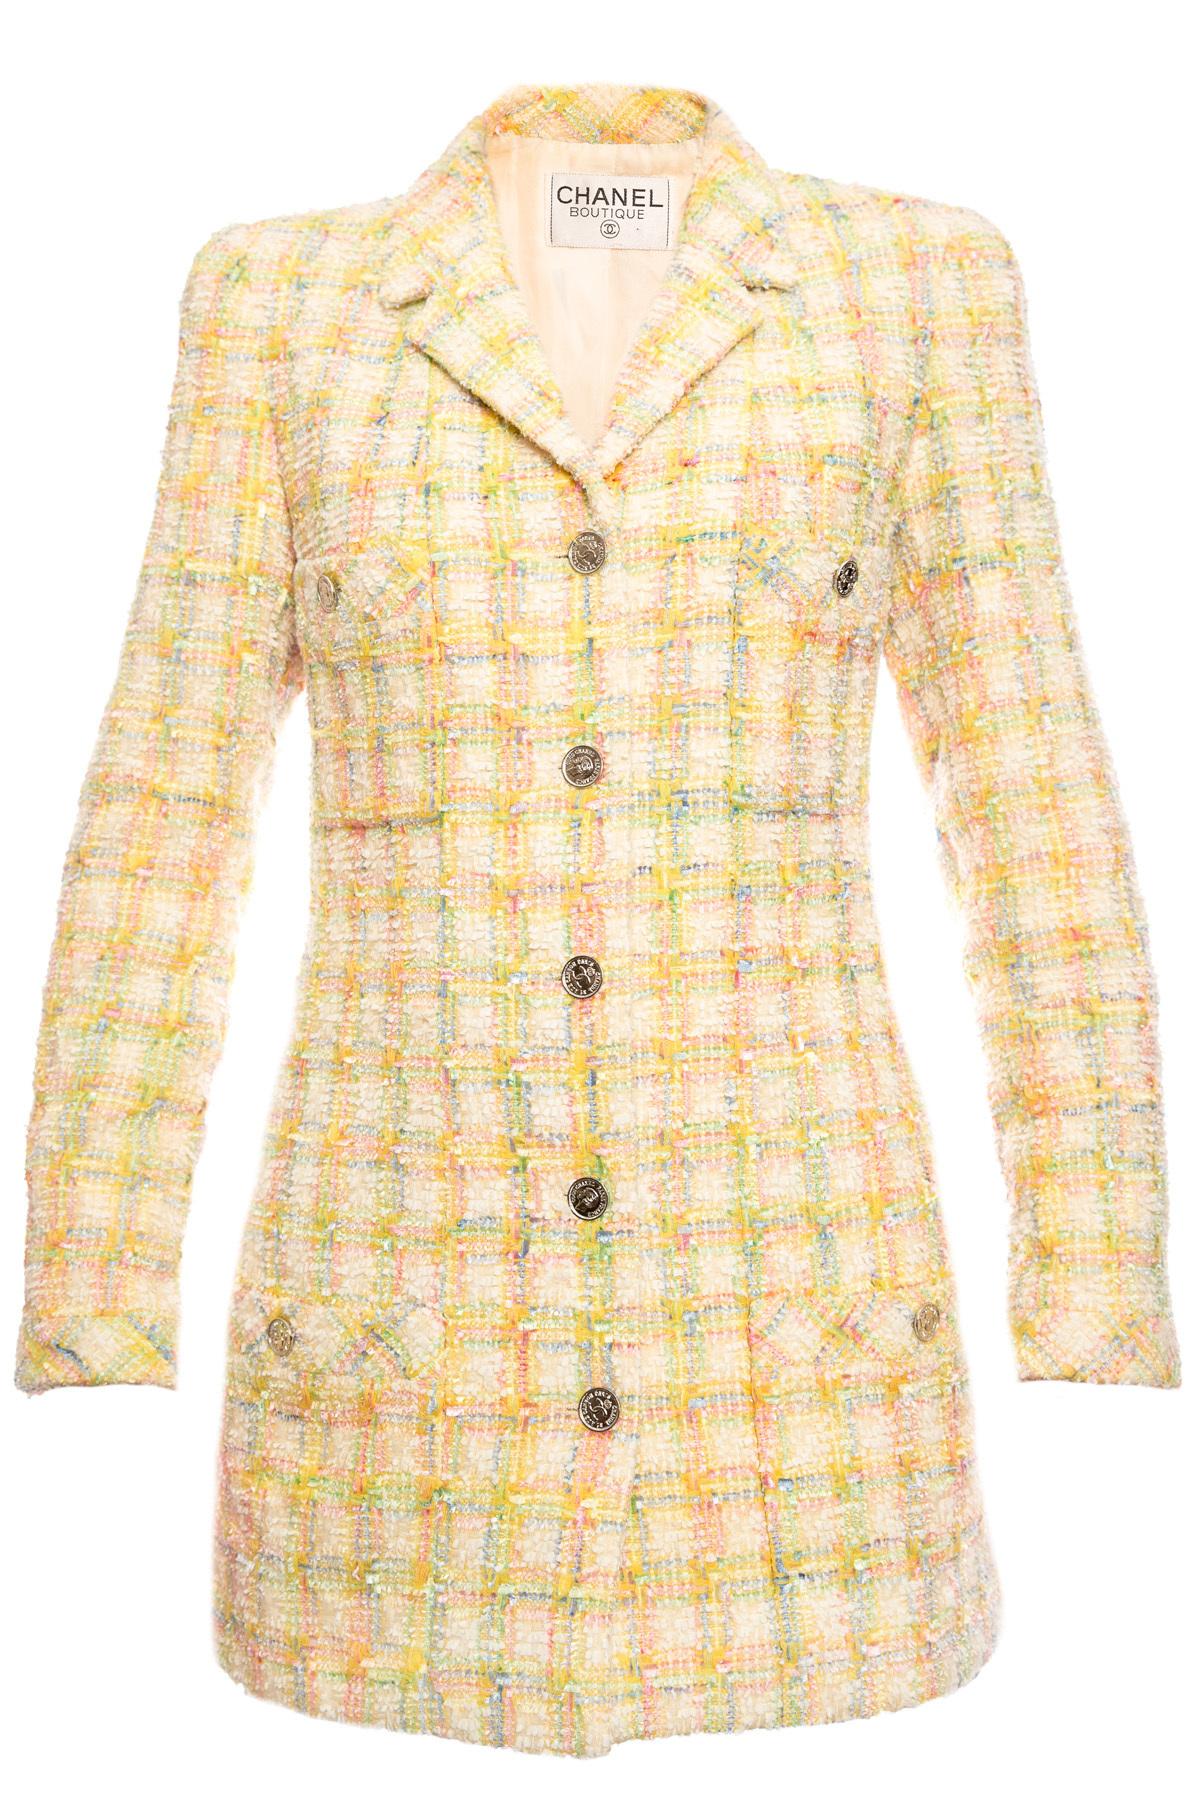 Стильный твидовый пиджак в клетку от Chanel, 40 размер– купить в ... d66f431dfa7